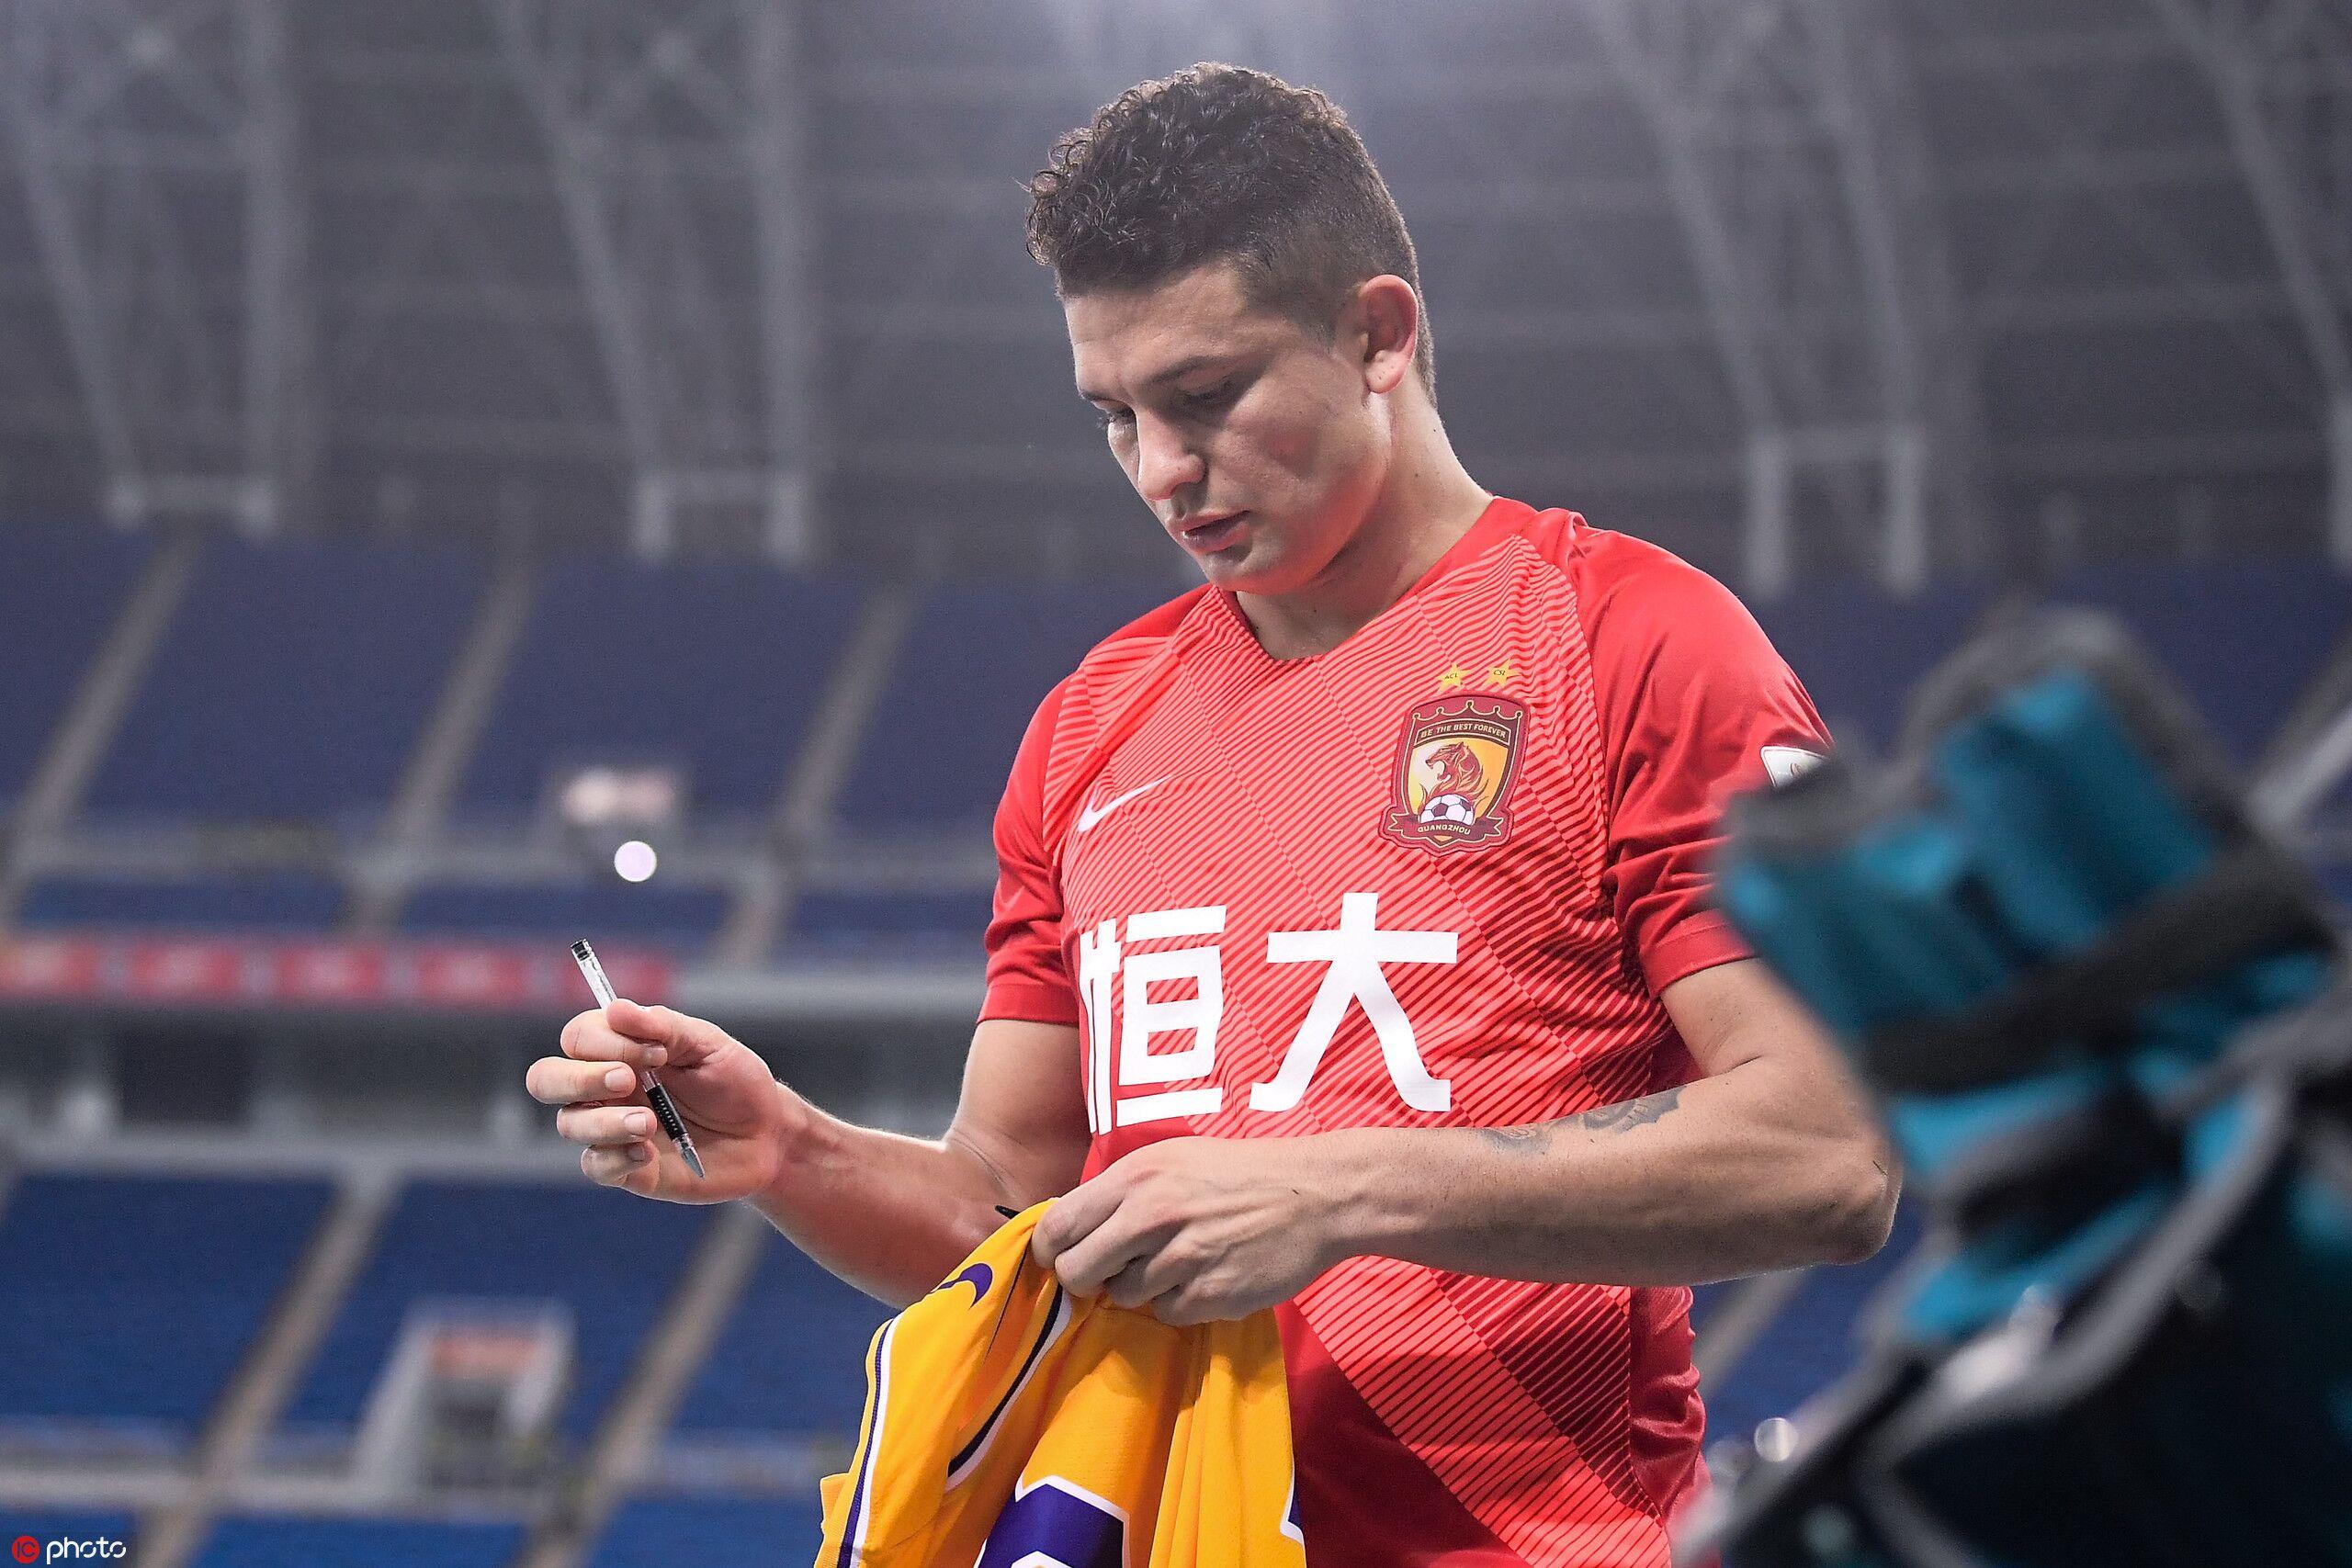 埃神:希望年轻球员能给俱乐部和我们的国家队更大帮助